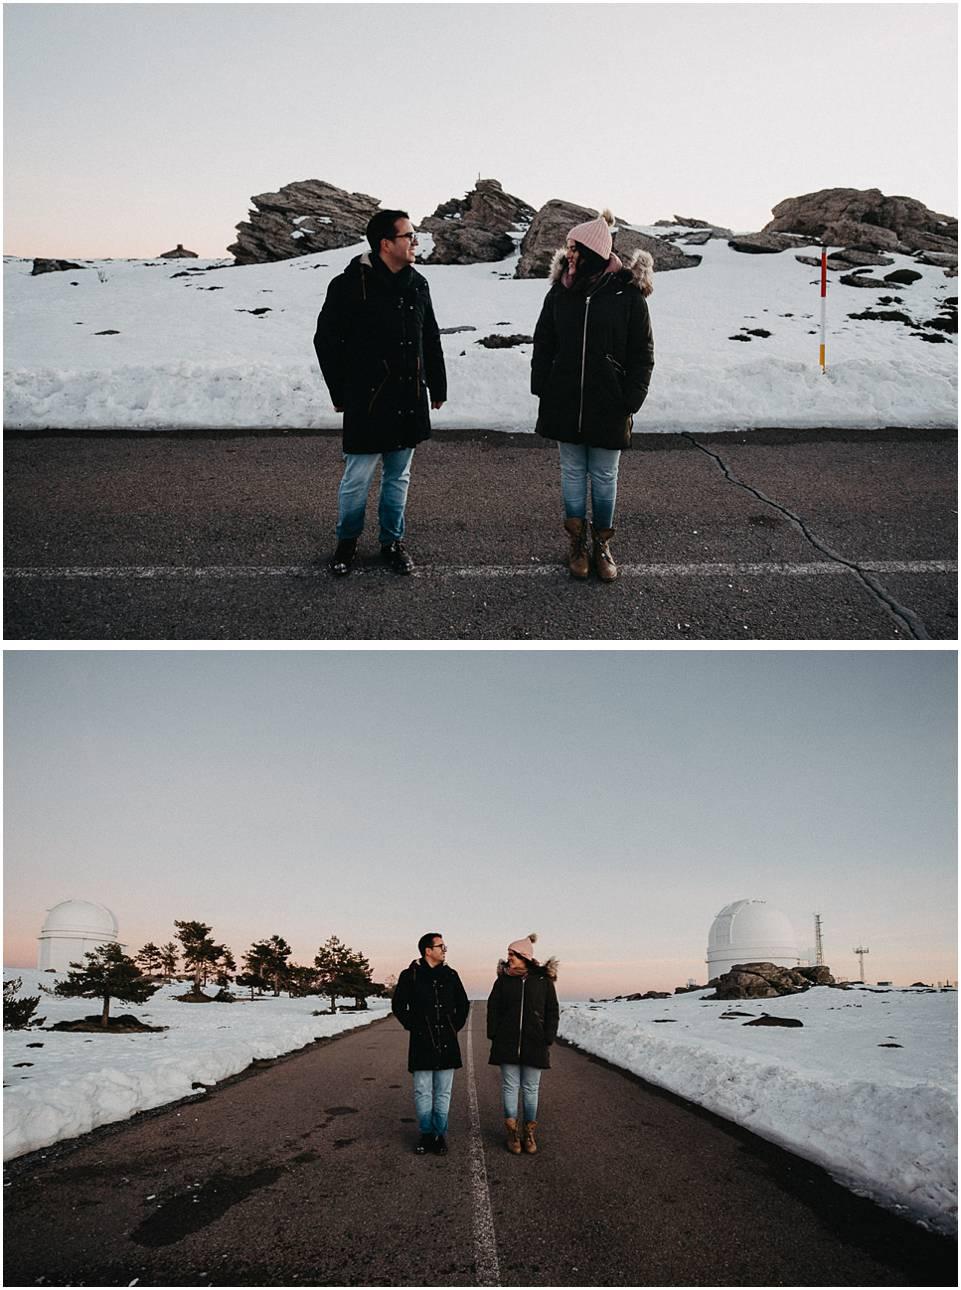 pareja en el observatorio Calar Alto almeria